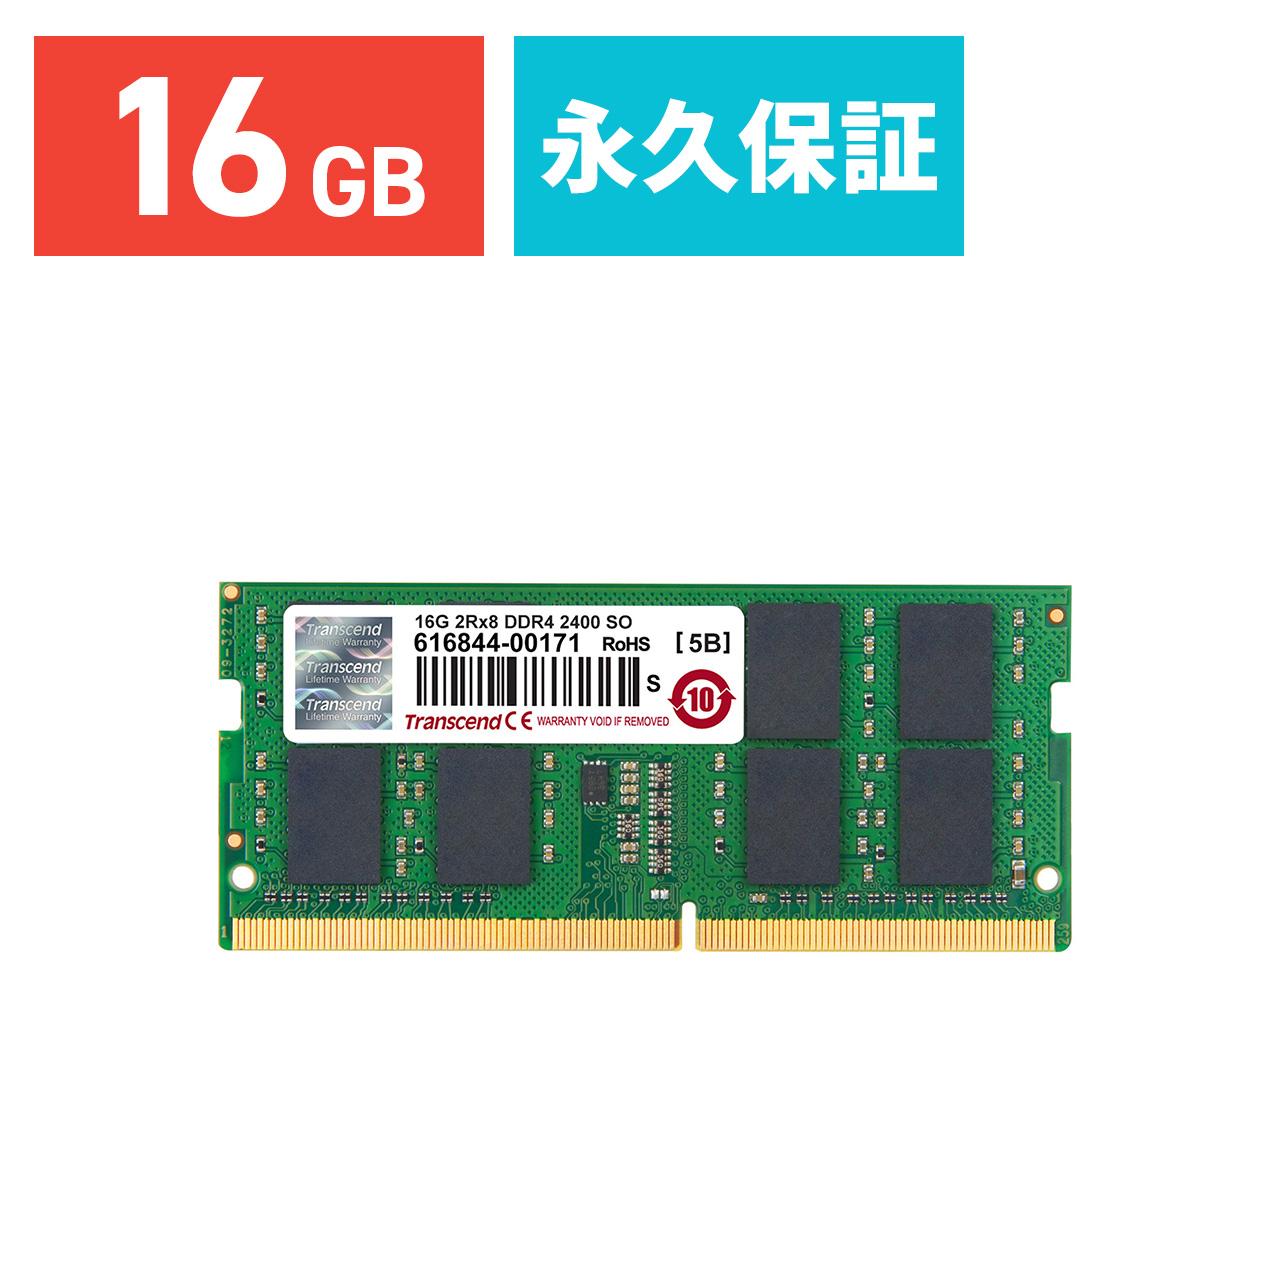 【3月15日値下げしました】Transcend ノートPC用増設メモリ 16GB DDR4-2400 PC4-19200 SO-DIMM PCメモリ メモリー モジュール[TS2GSH64V4B]【ネコポス対応】【BOX受取対象商品】【送料無料】